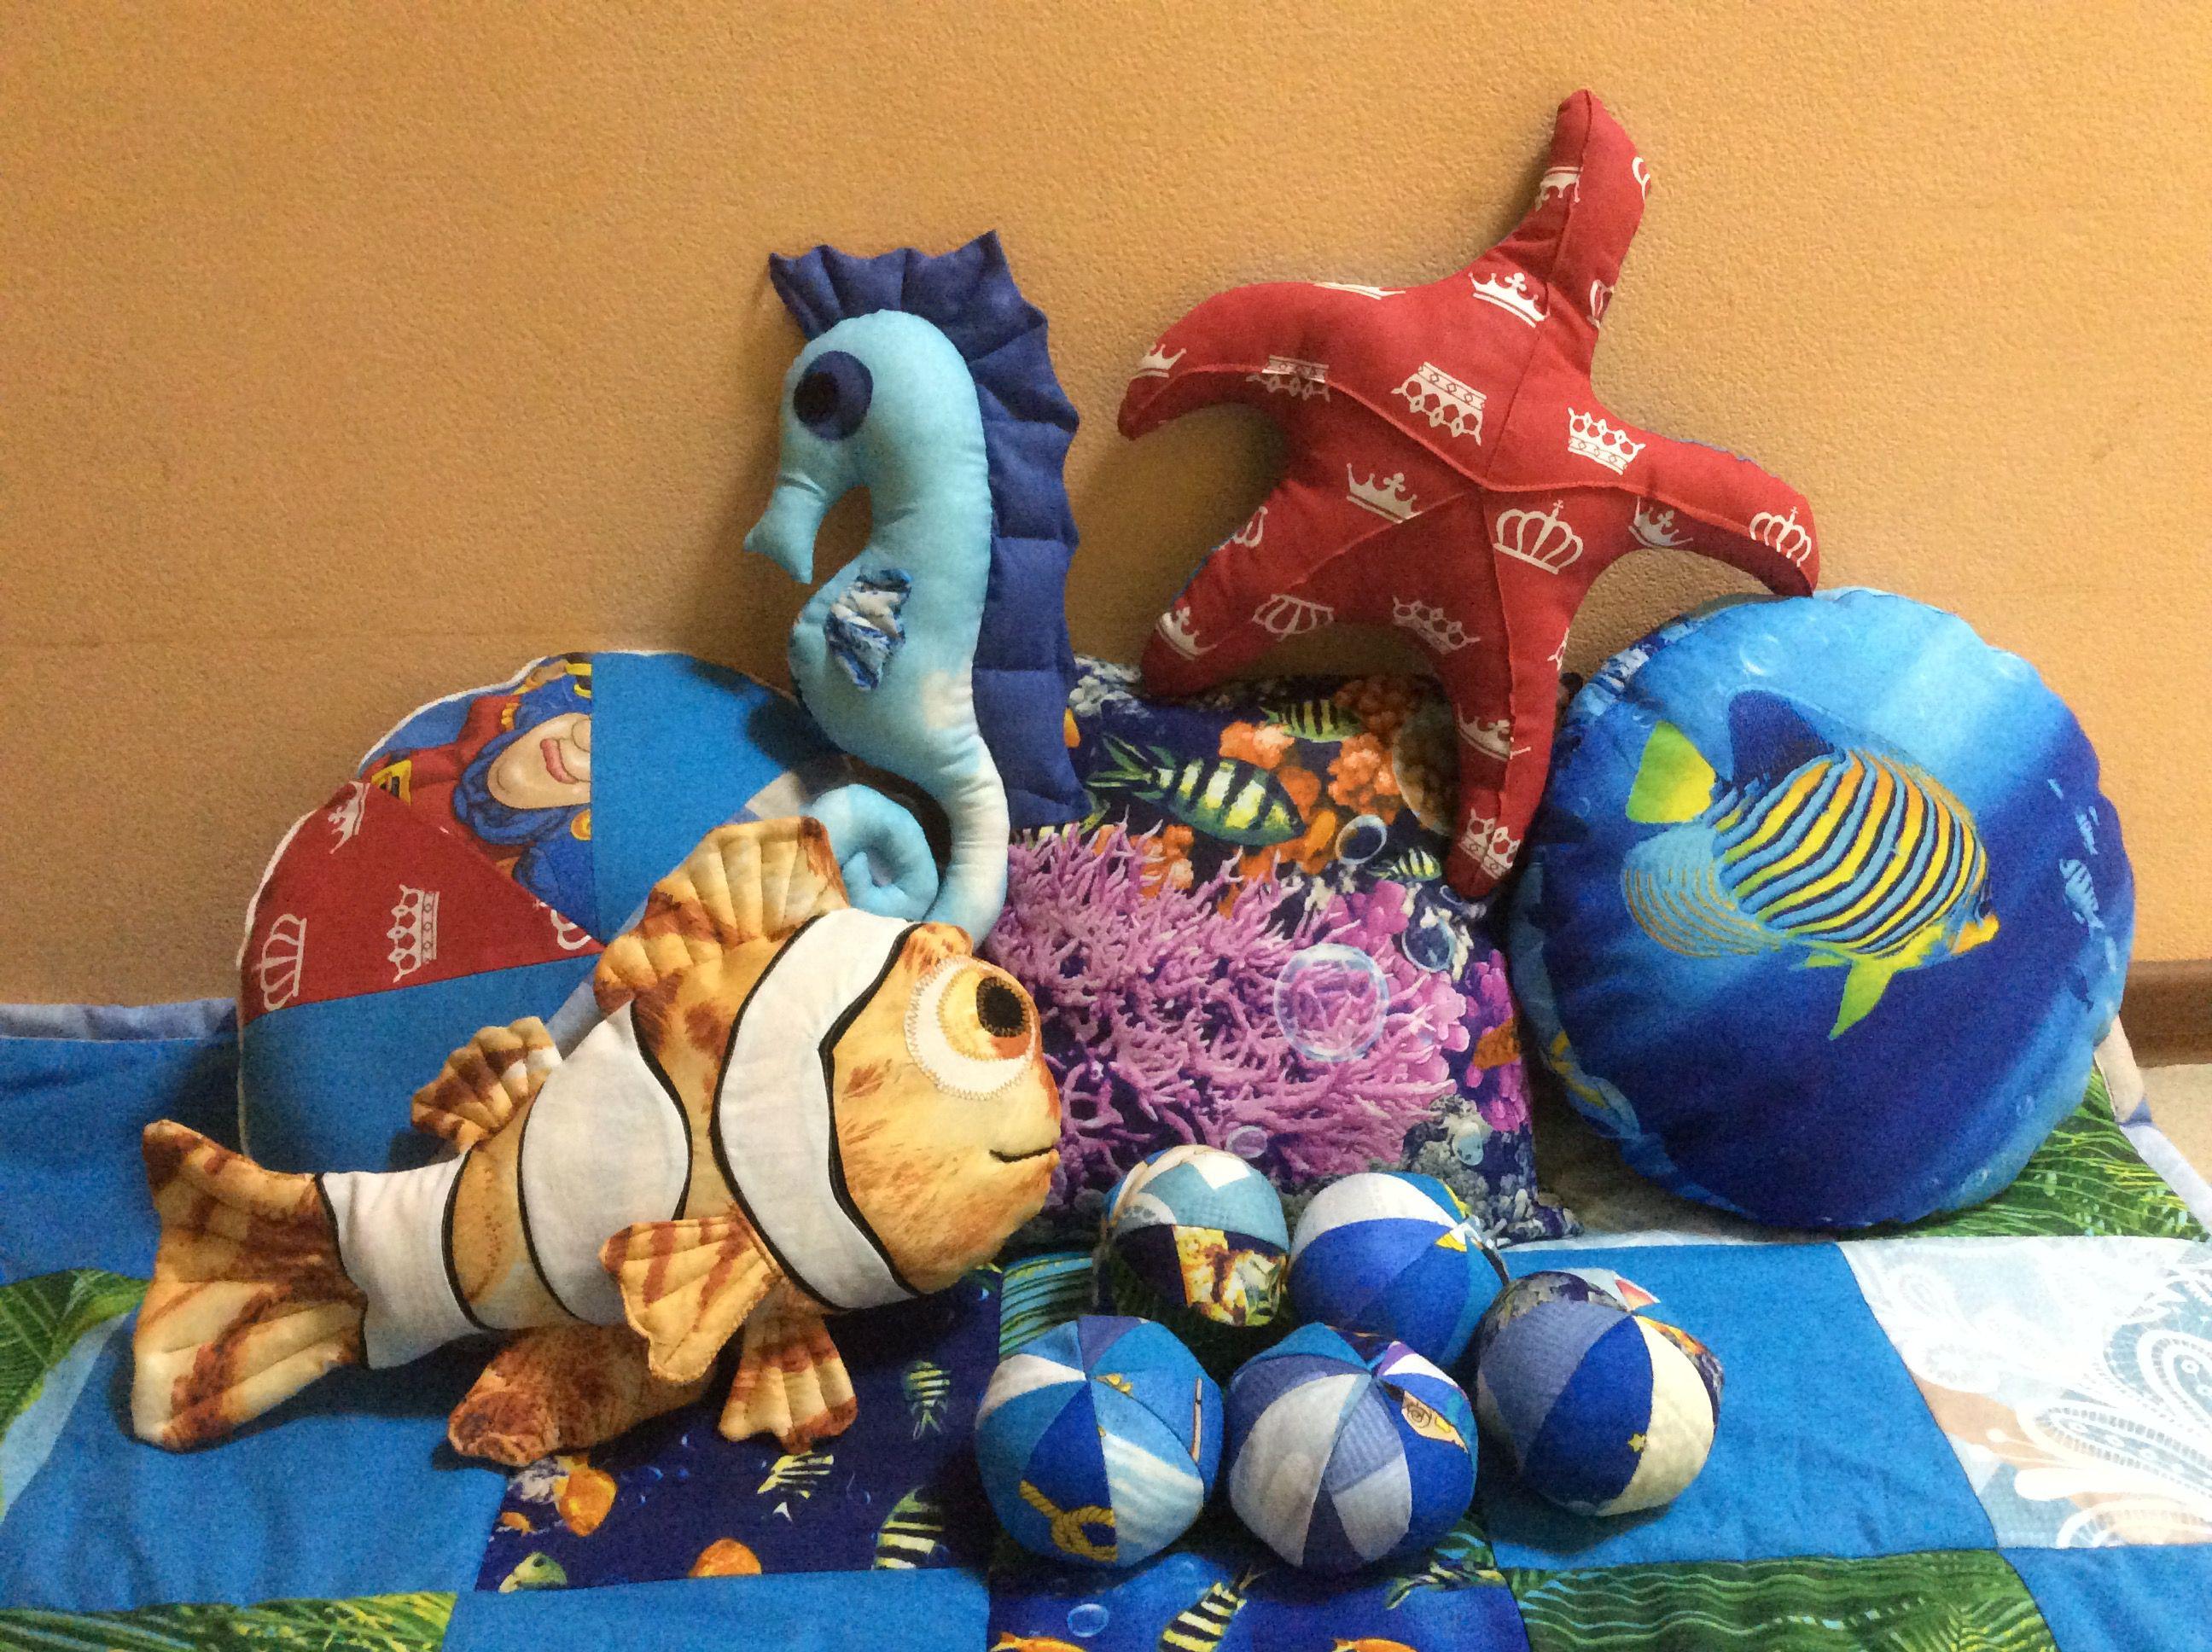 детский вигвам игрушки подушки лоскутный детям коврик домик подарок